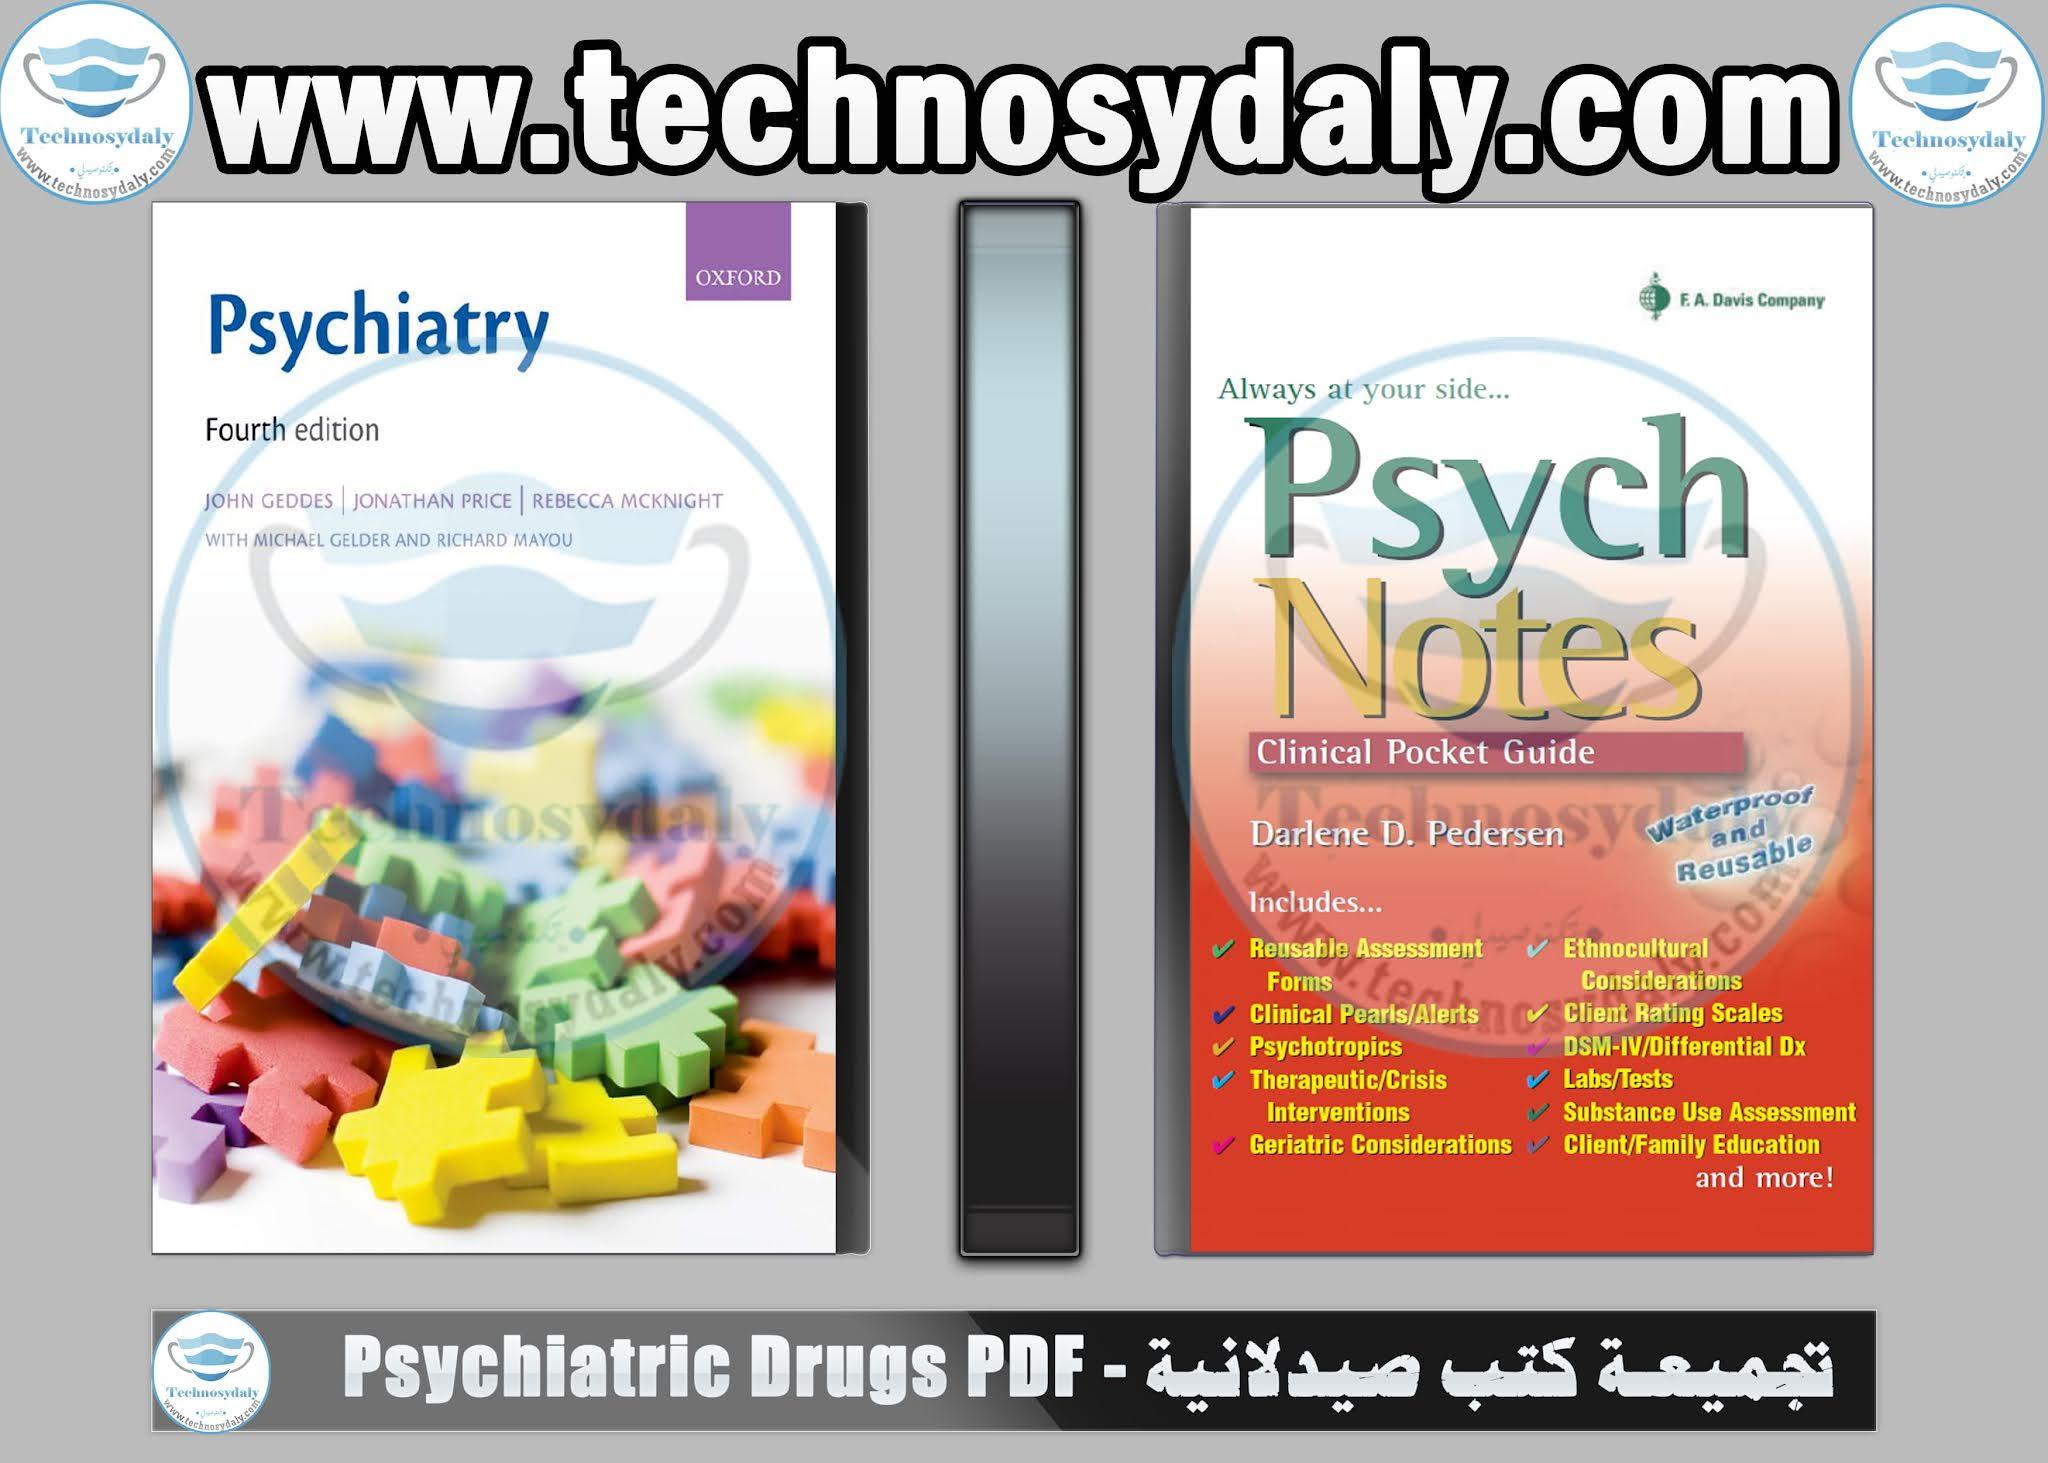 تجميعة كتب صيدلانية - Psychiatric Drugs PDF